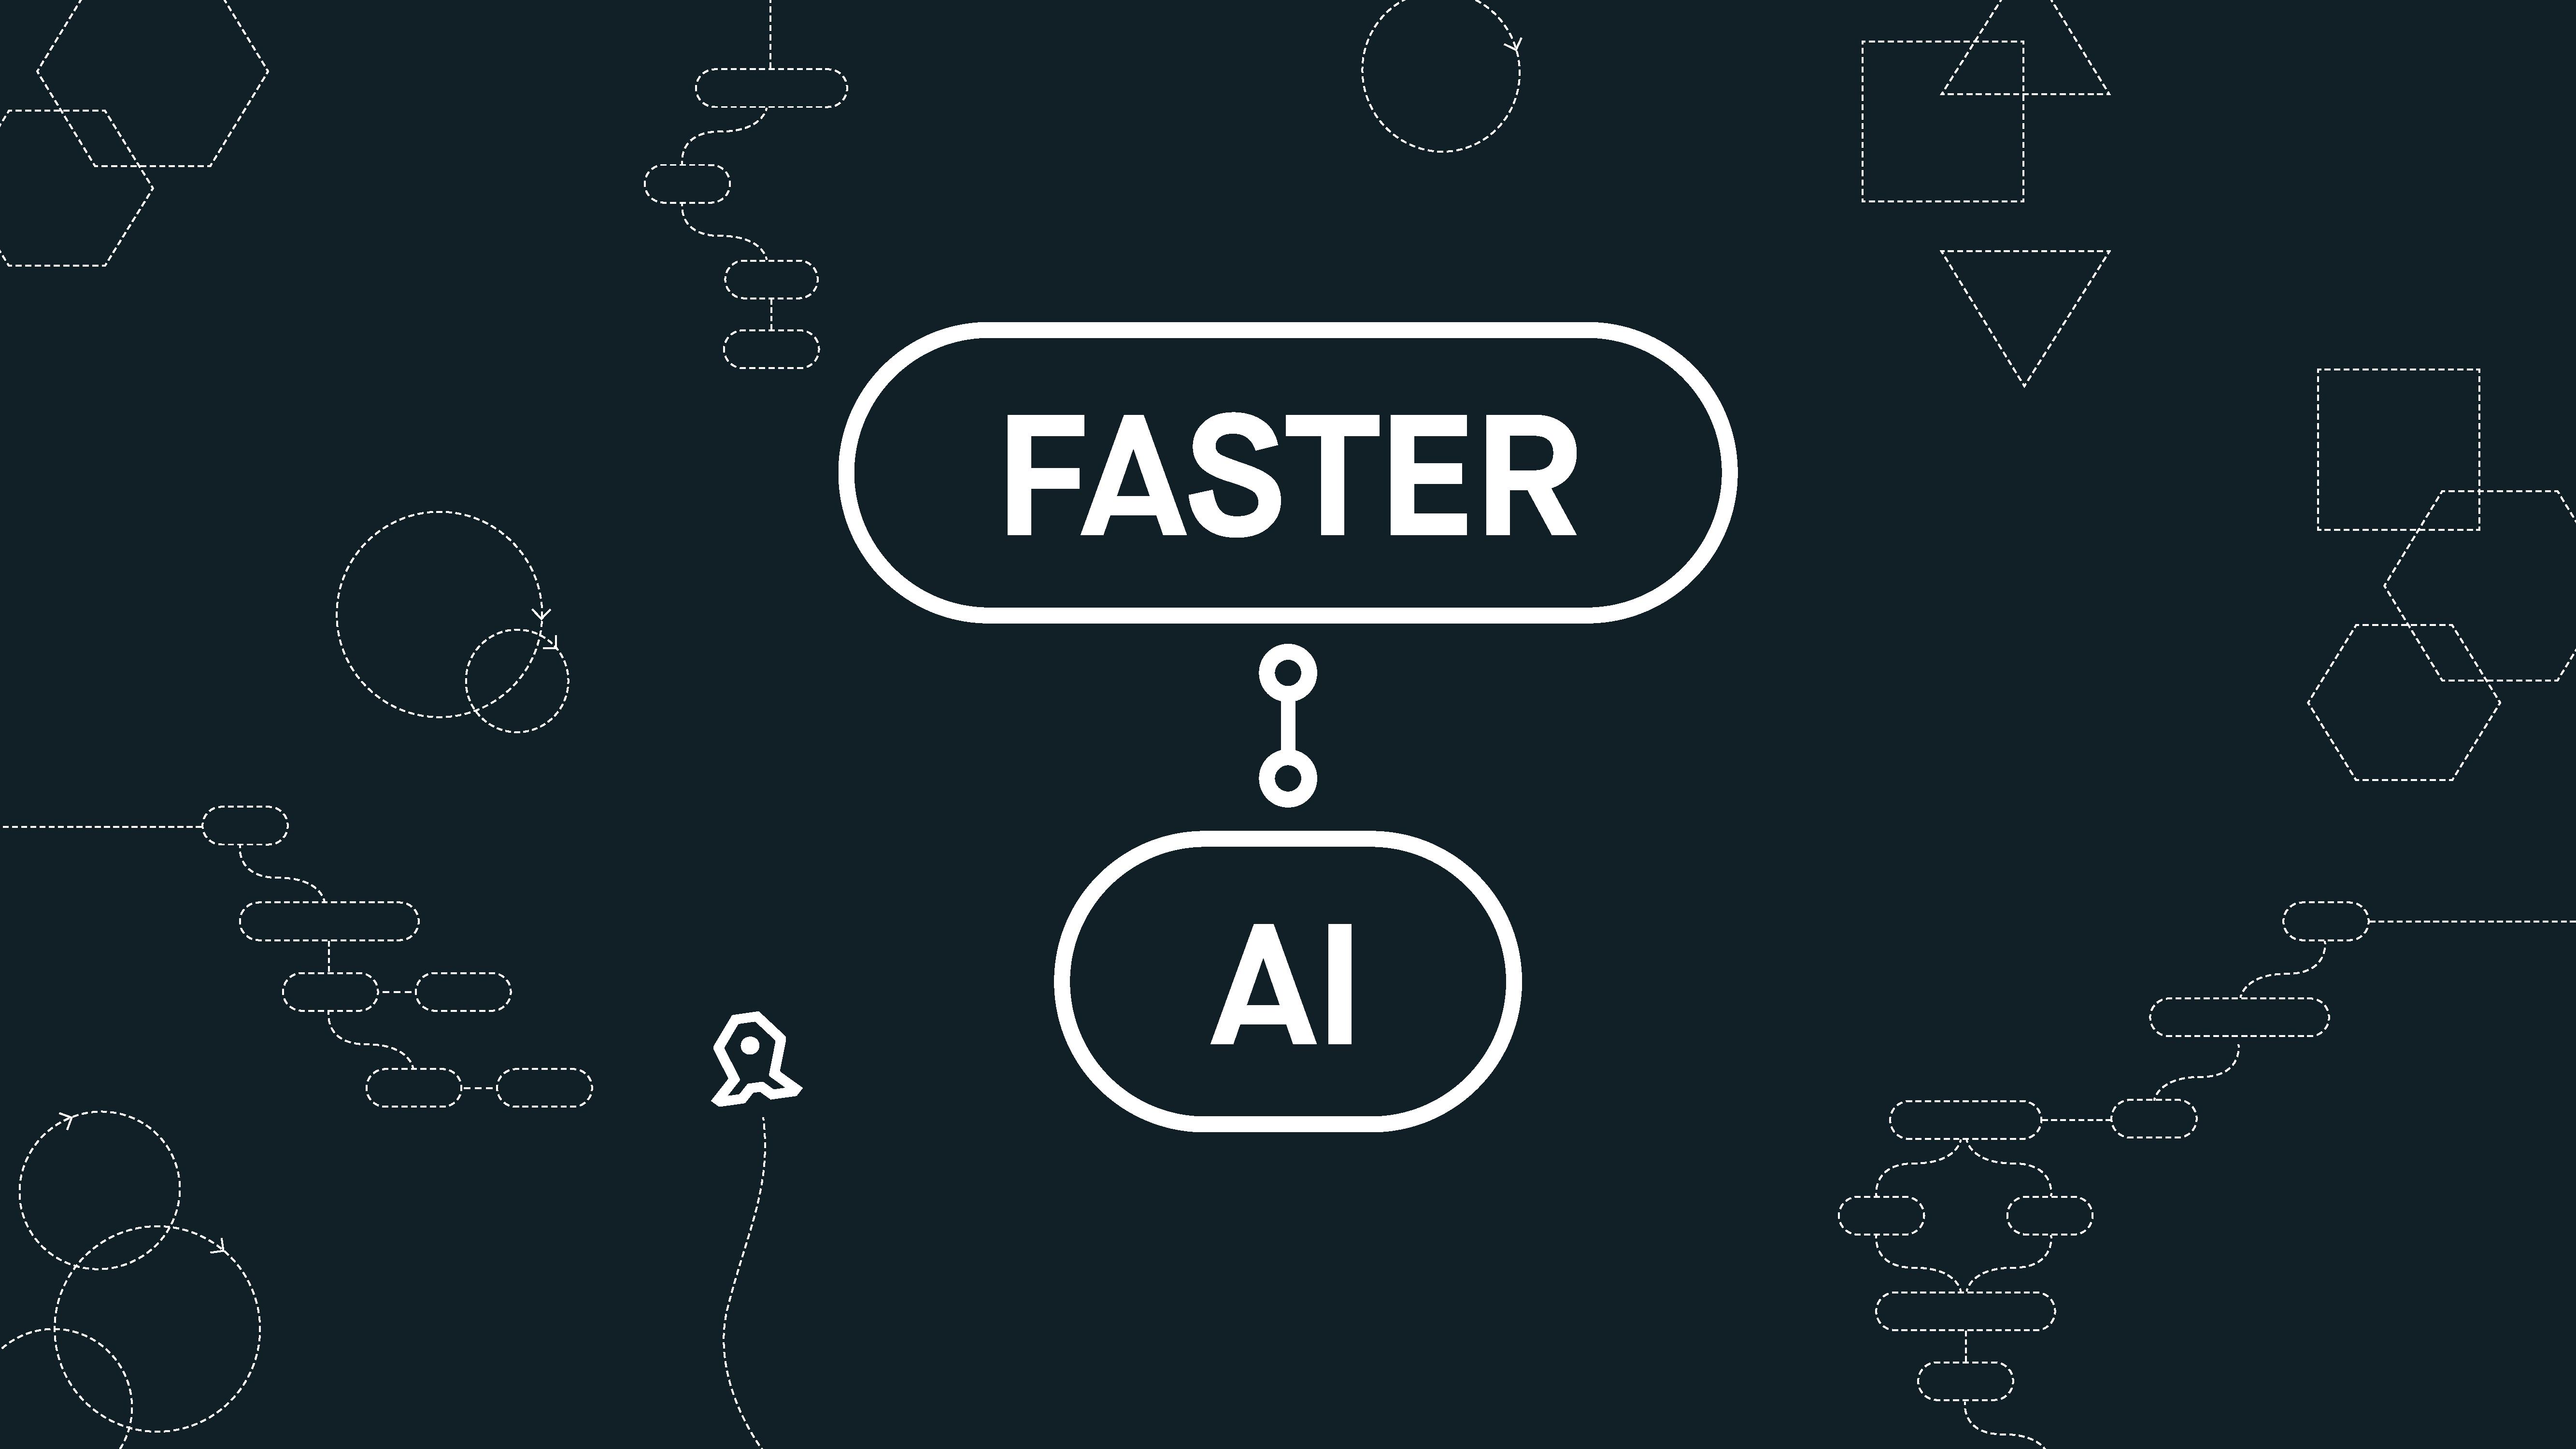 Faster AI